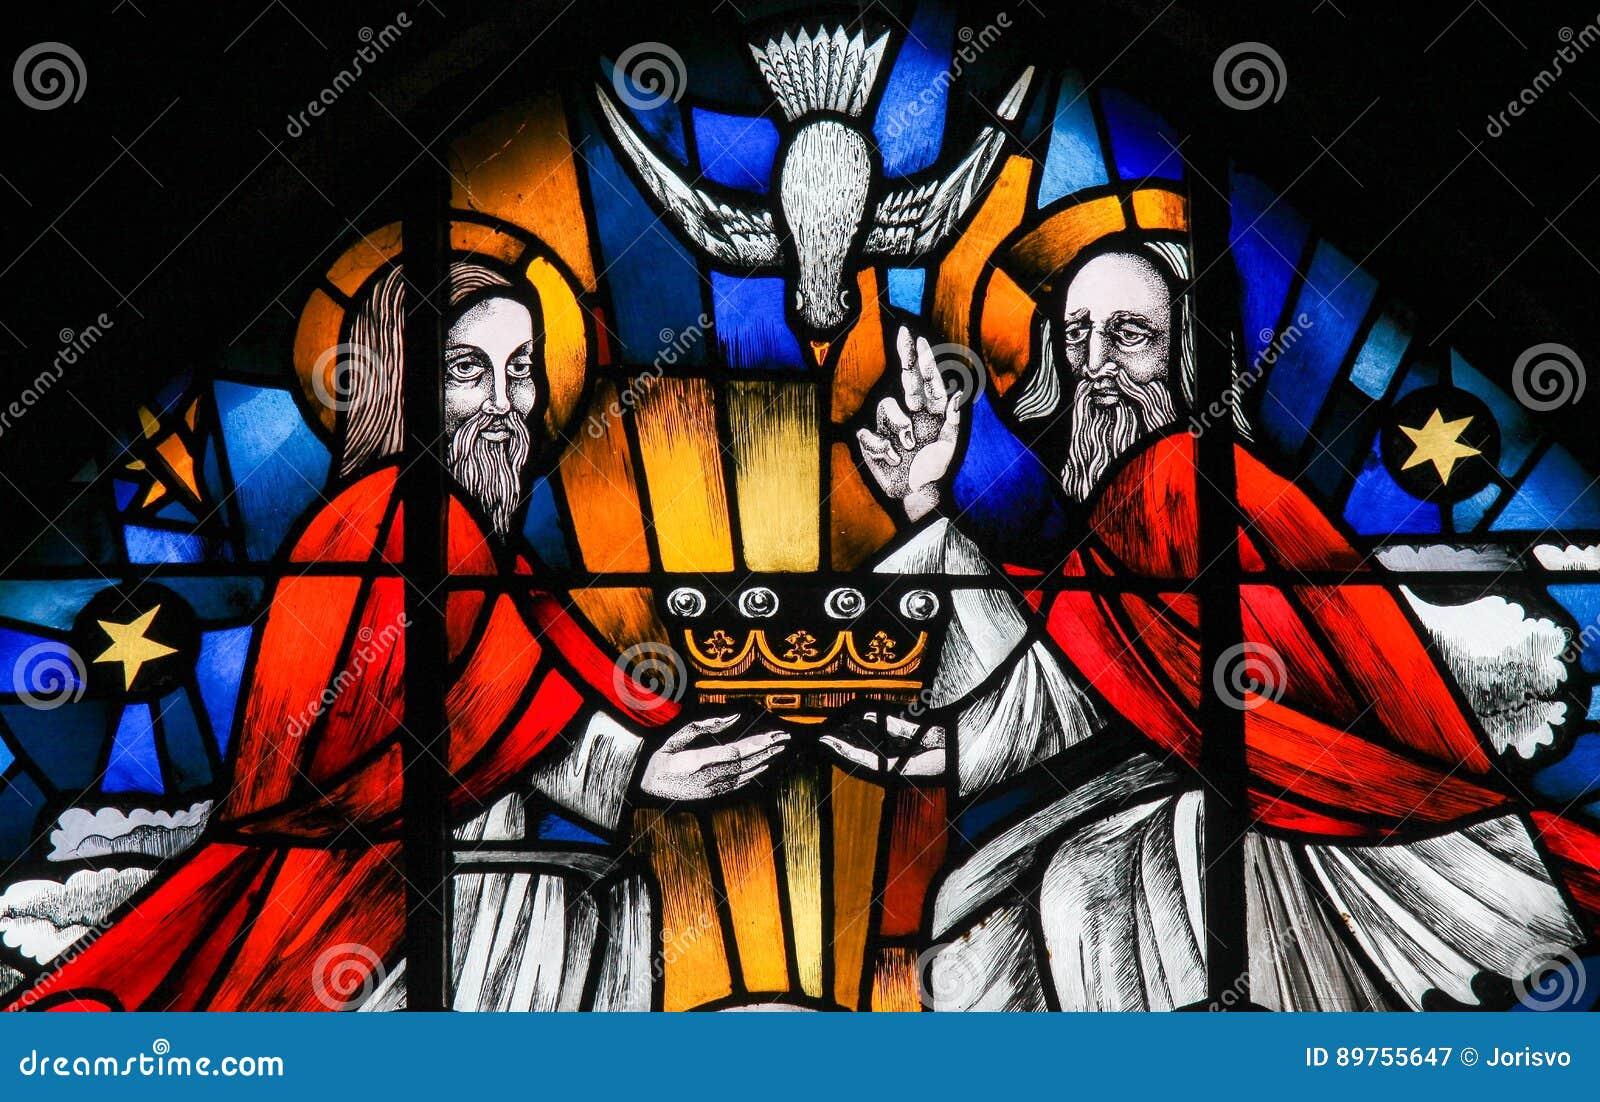 Λεκιασμένο γυαλί - η ιερή τριάδα